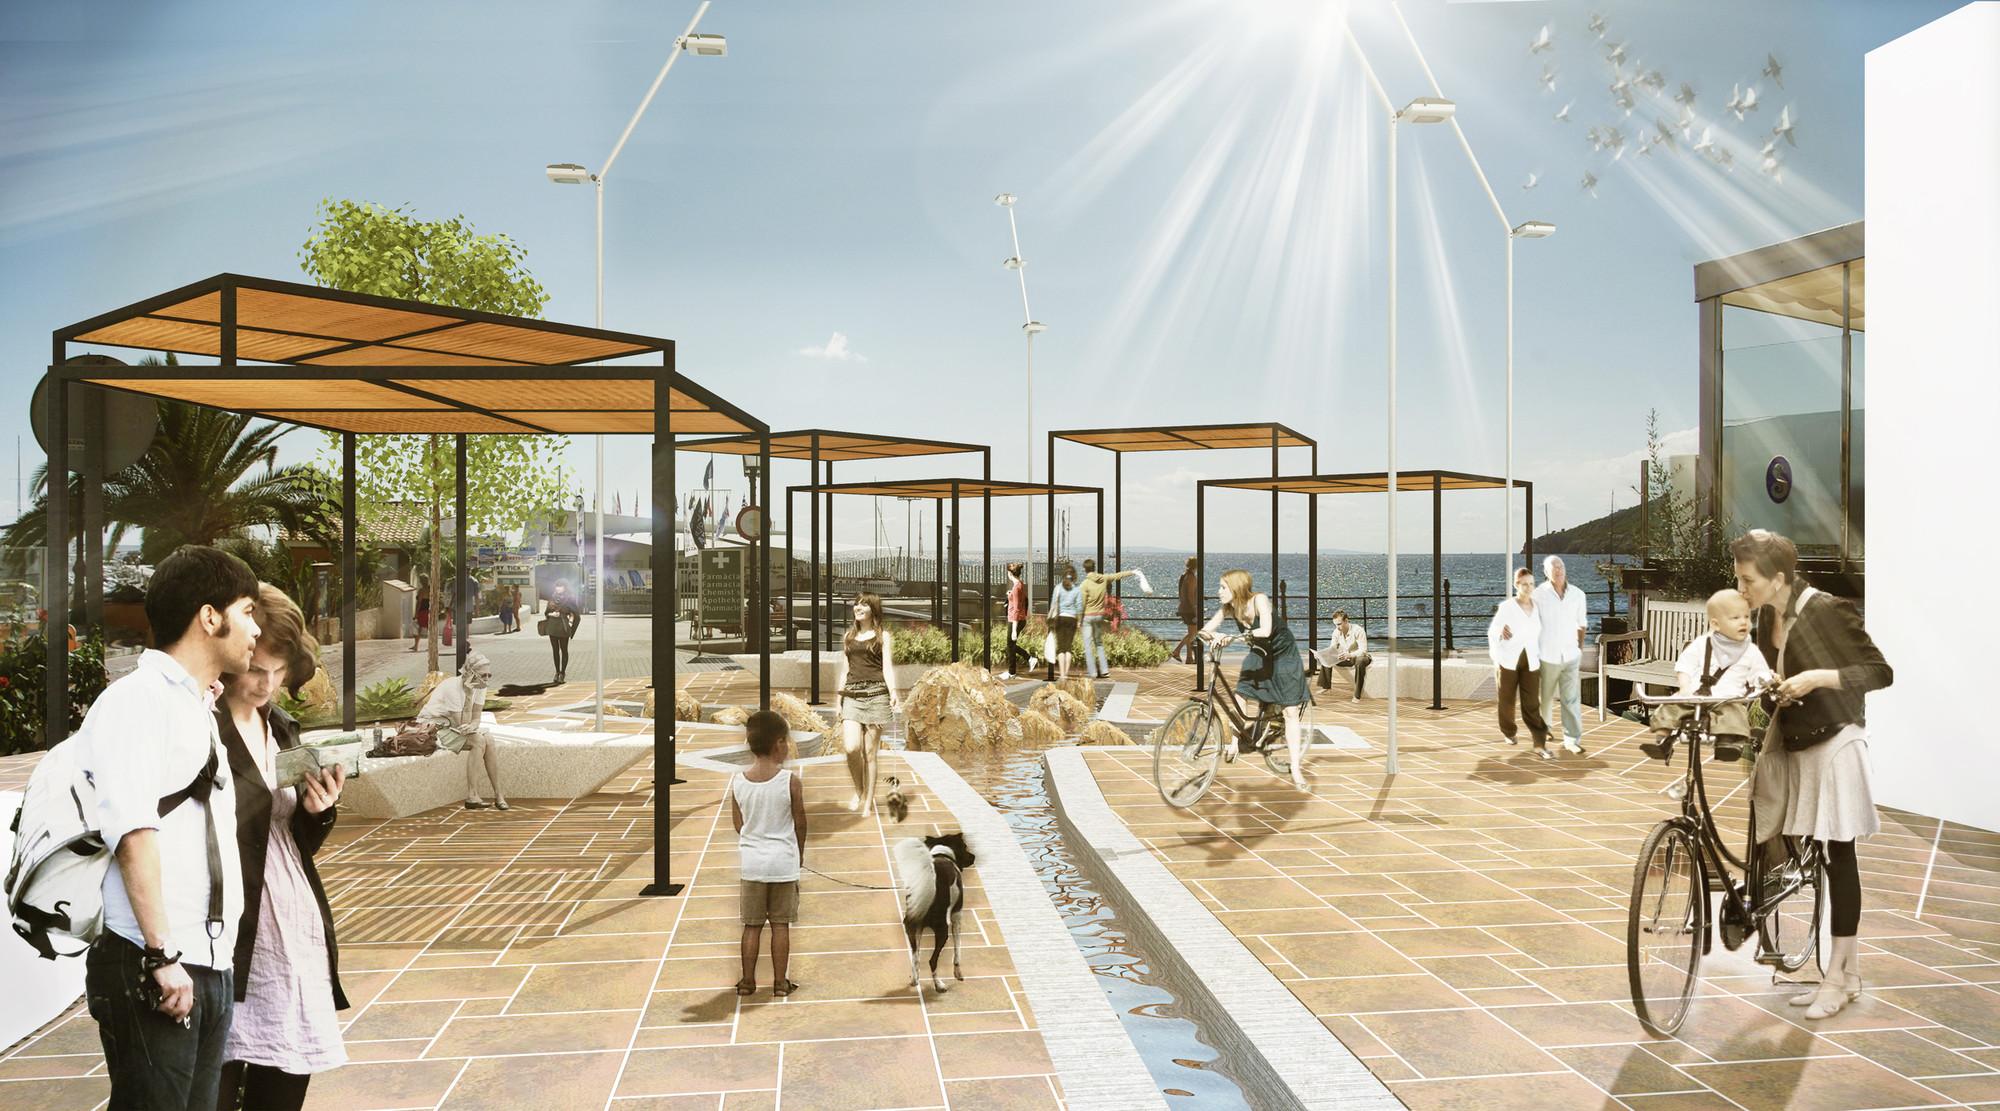 Primer Lugar Concurso Peatonalización de la calle Isidre Macabich en Ibiza, España, Courtesy of AAIMM